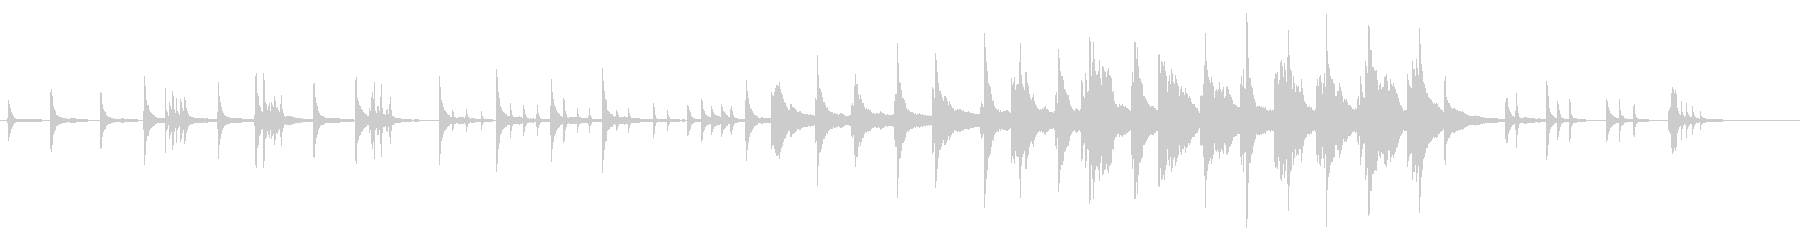 静かに 星降る夜 虫蠢く ■ ピアノソロの未再生の波形